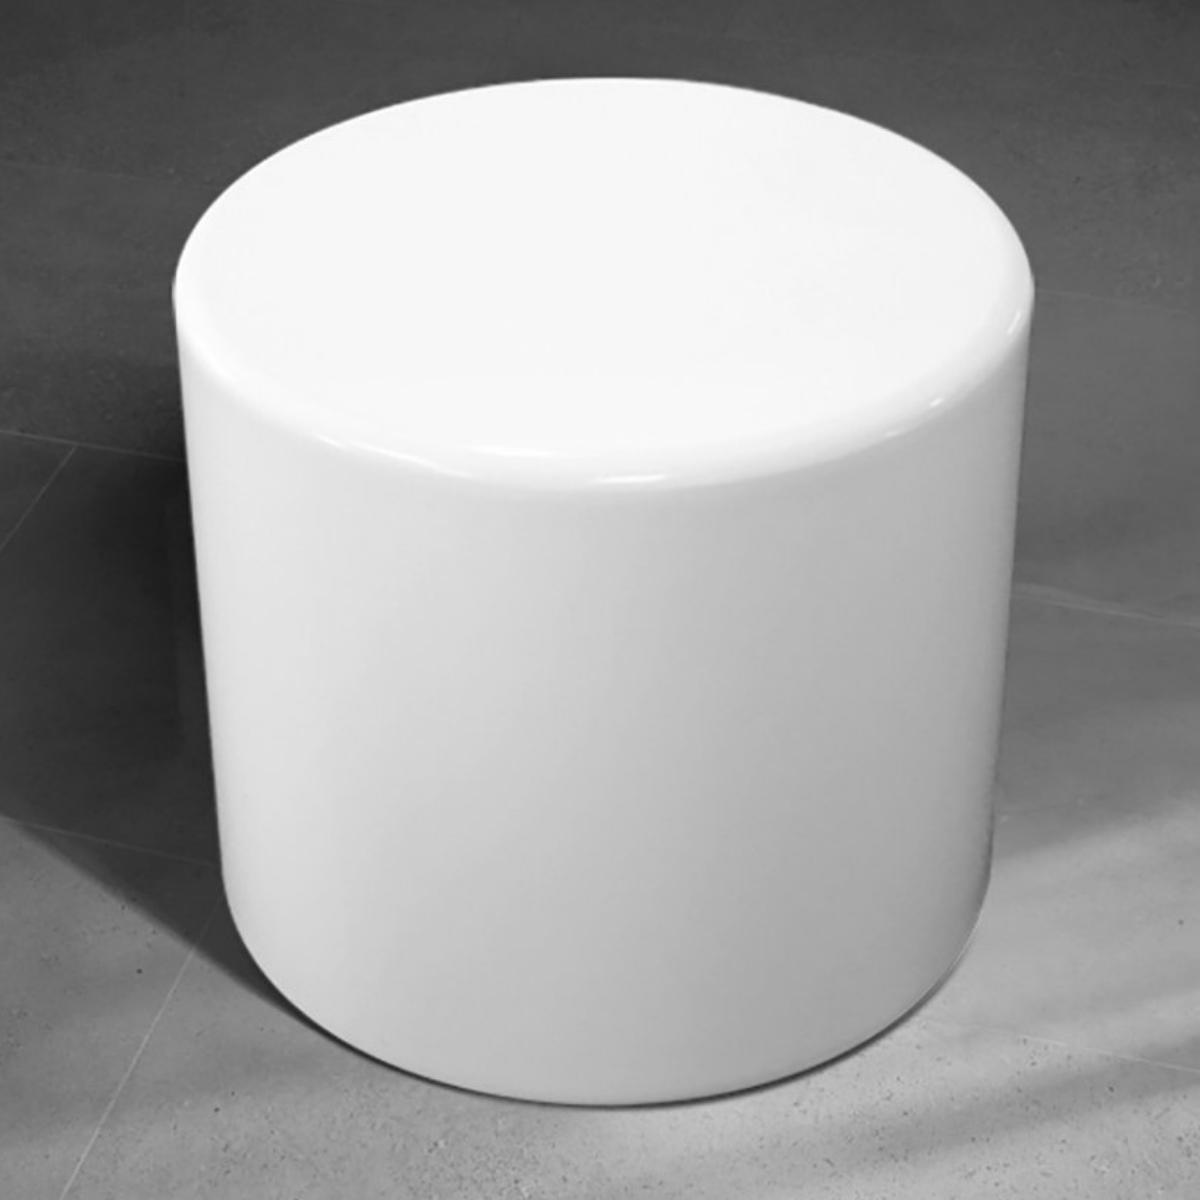 Drum Modular Seat